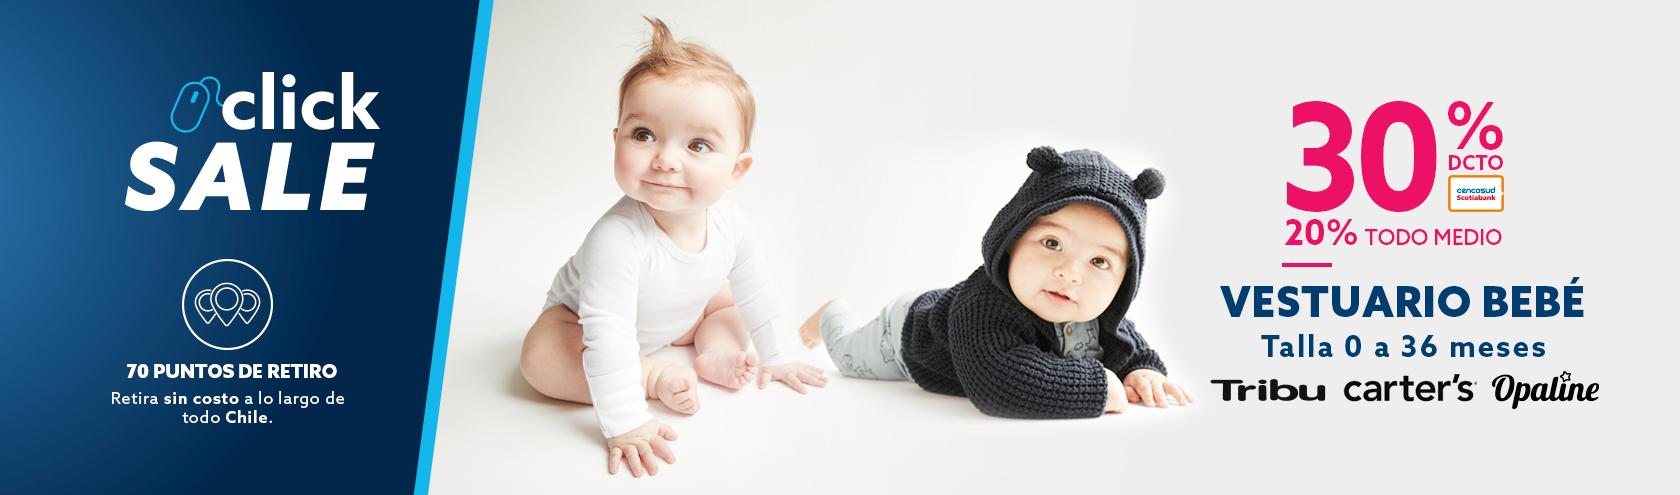 30% de descuento con tarjeta cencosud y 20% de descuento todo medio en vestuario recien nacidos